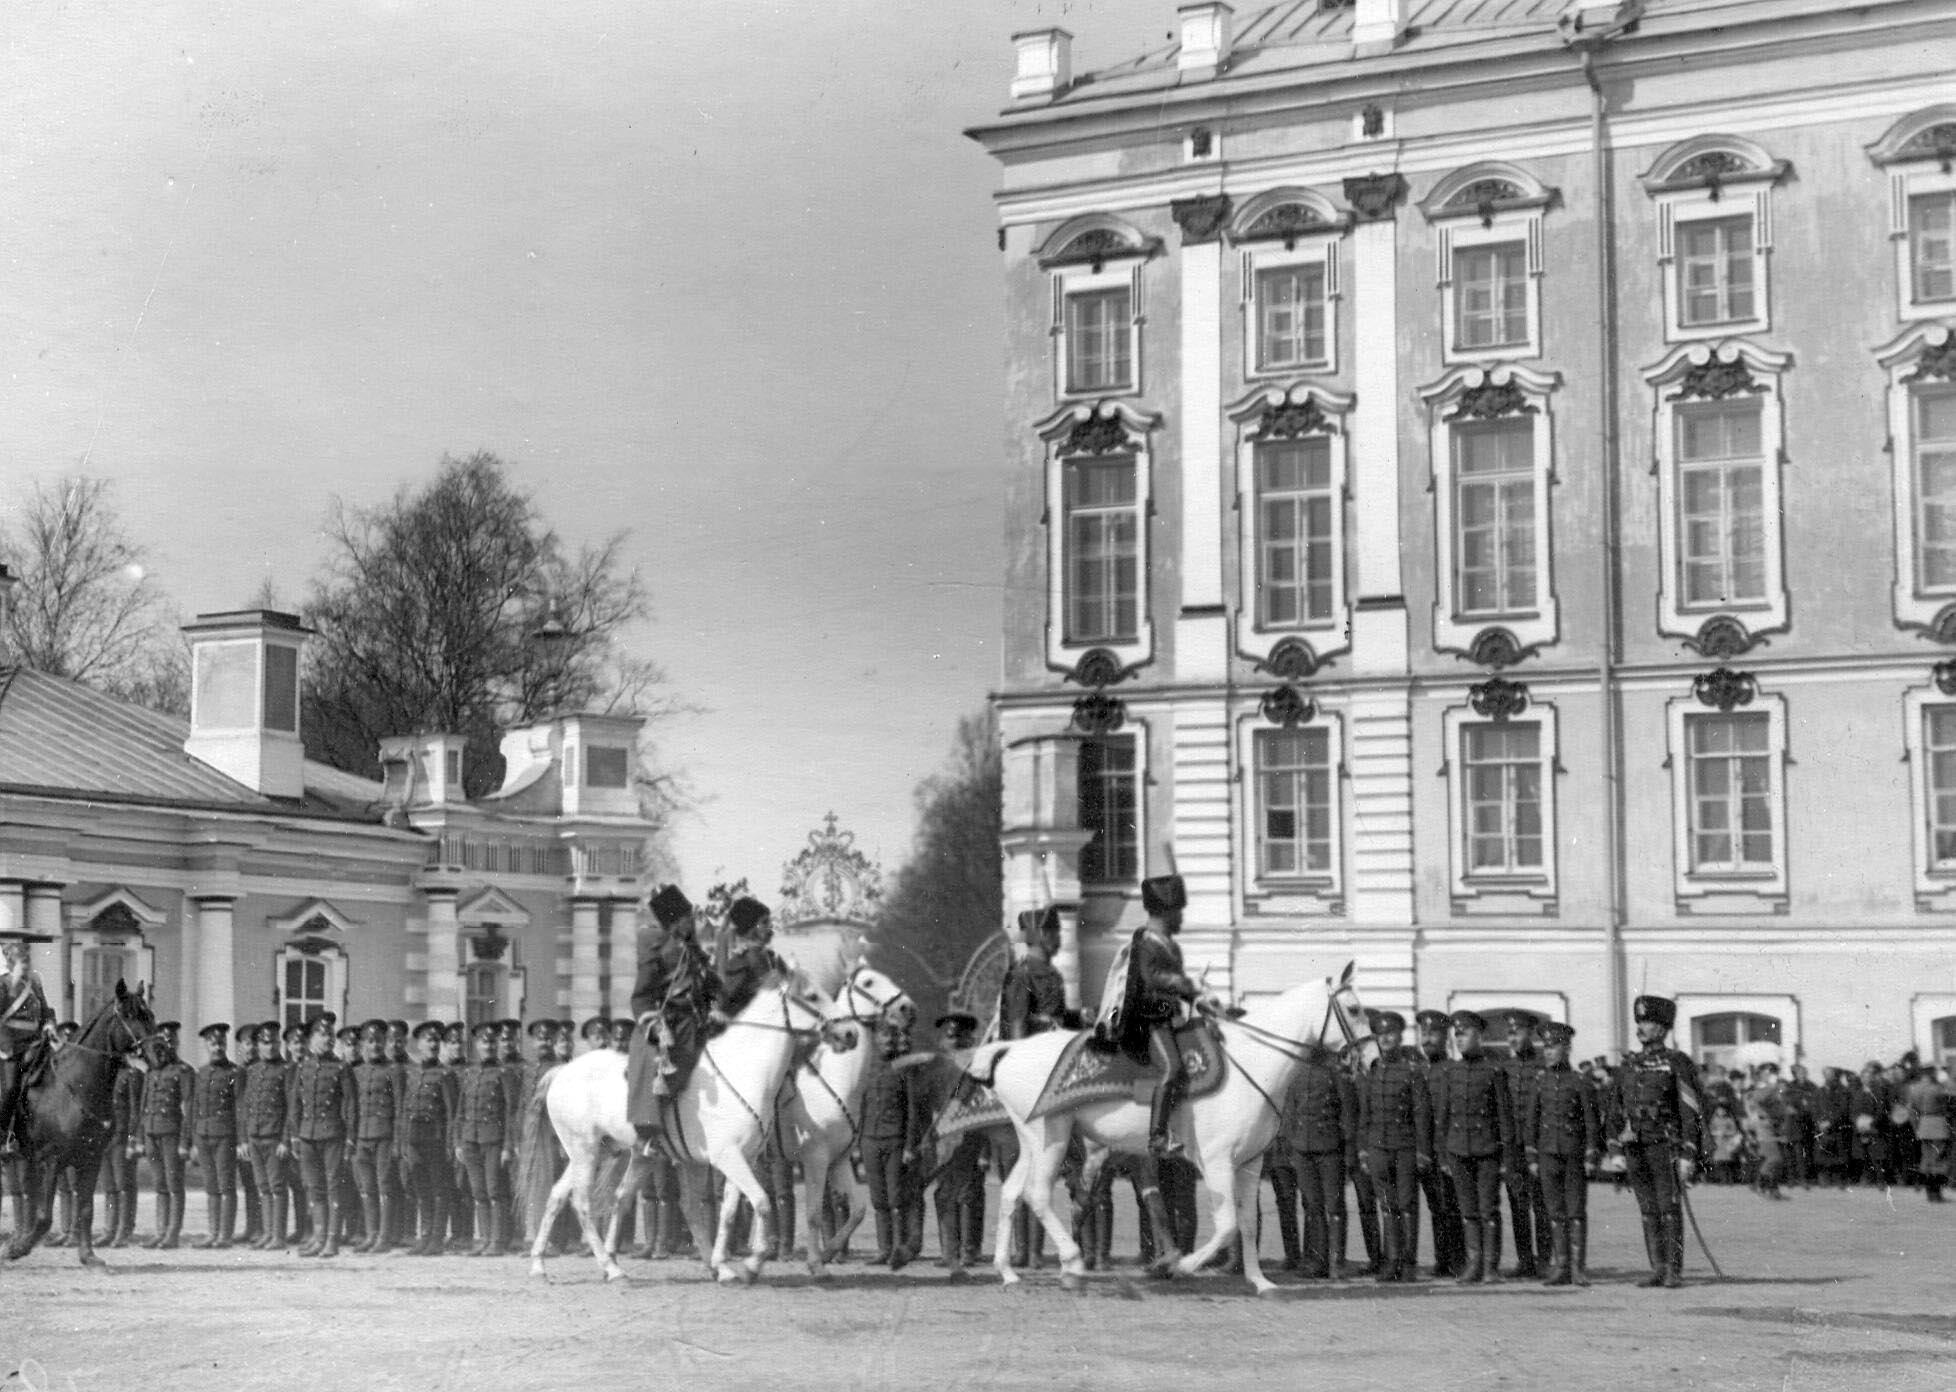 1910. Император Николай II проезжает по фронту выстроившихся на парад у Екатерининского дворца гусар нестроевой команды. 15 мая